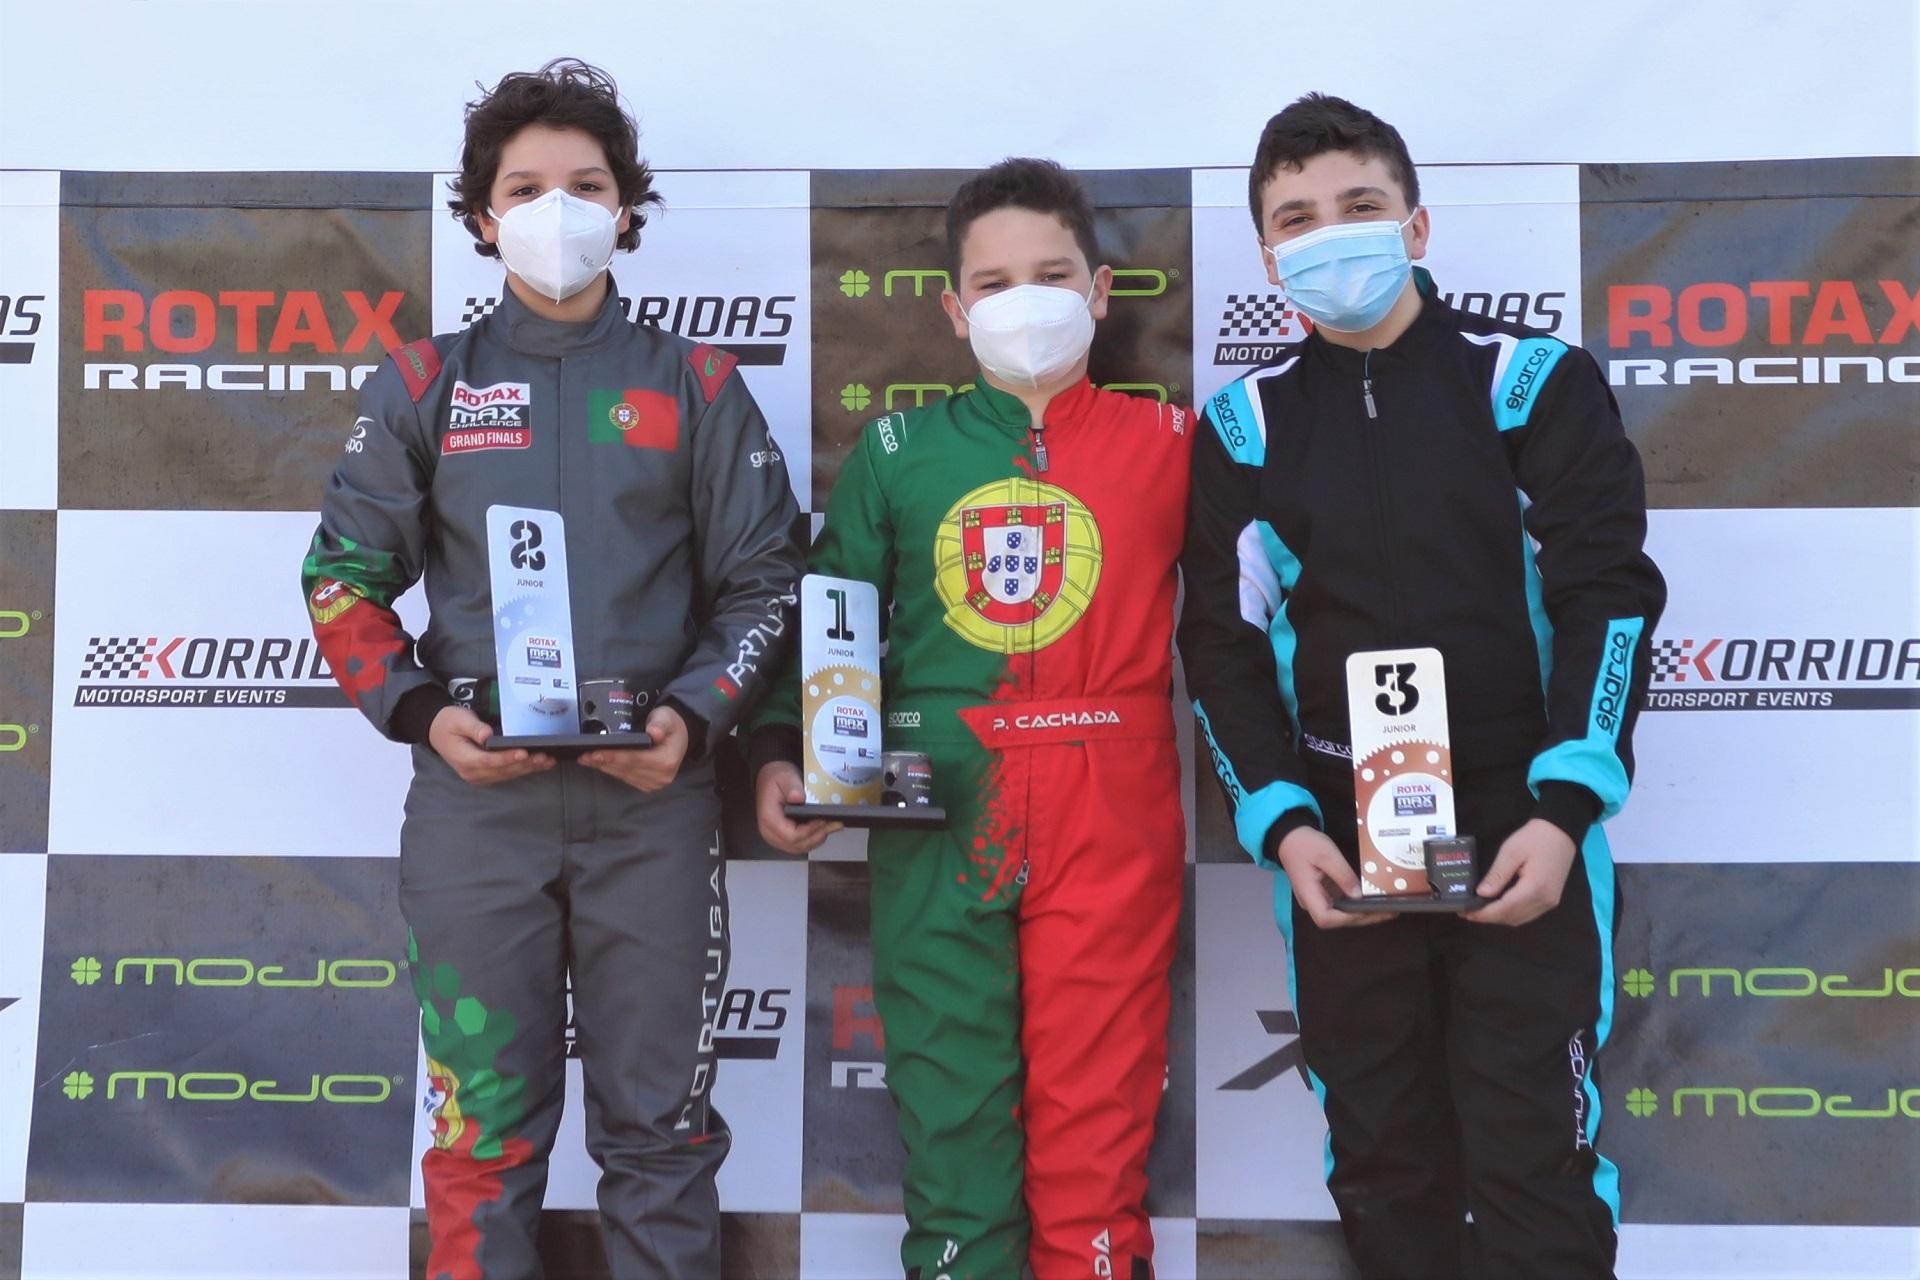 Pedro Cachada estreia-se a vencer na Júnior no início do Troféu Rotax em Portimão